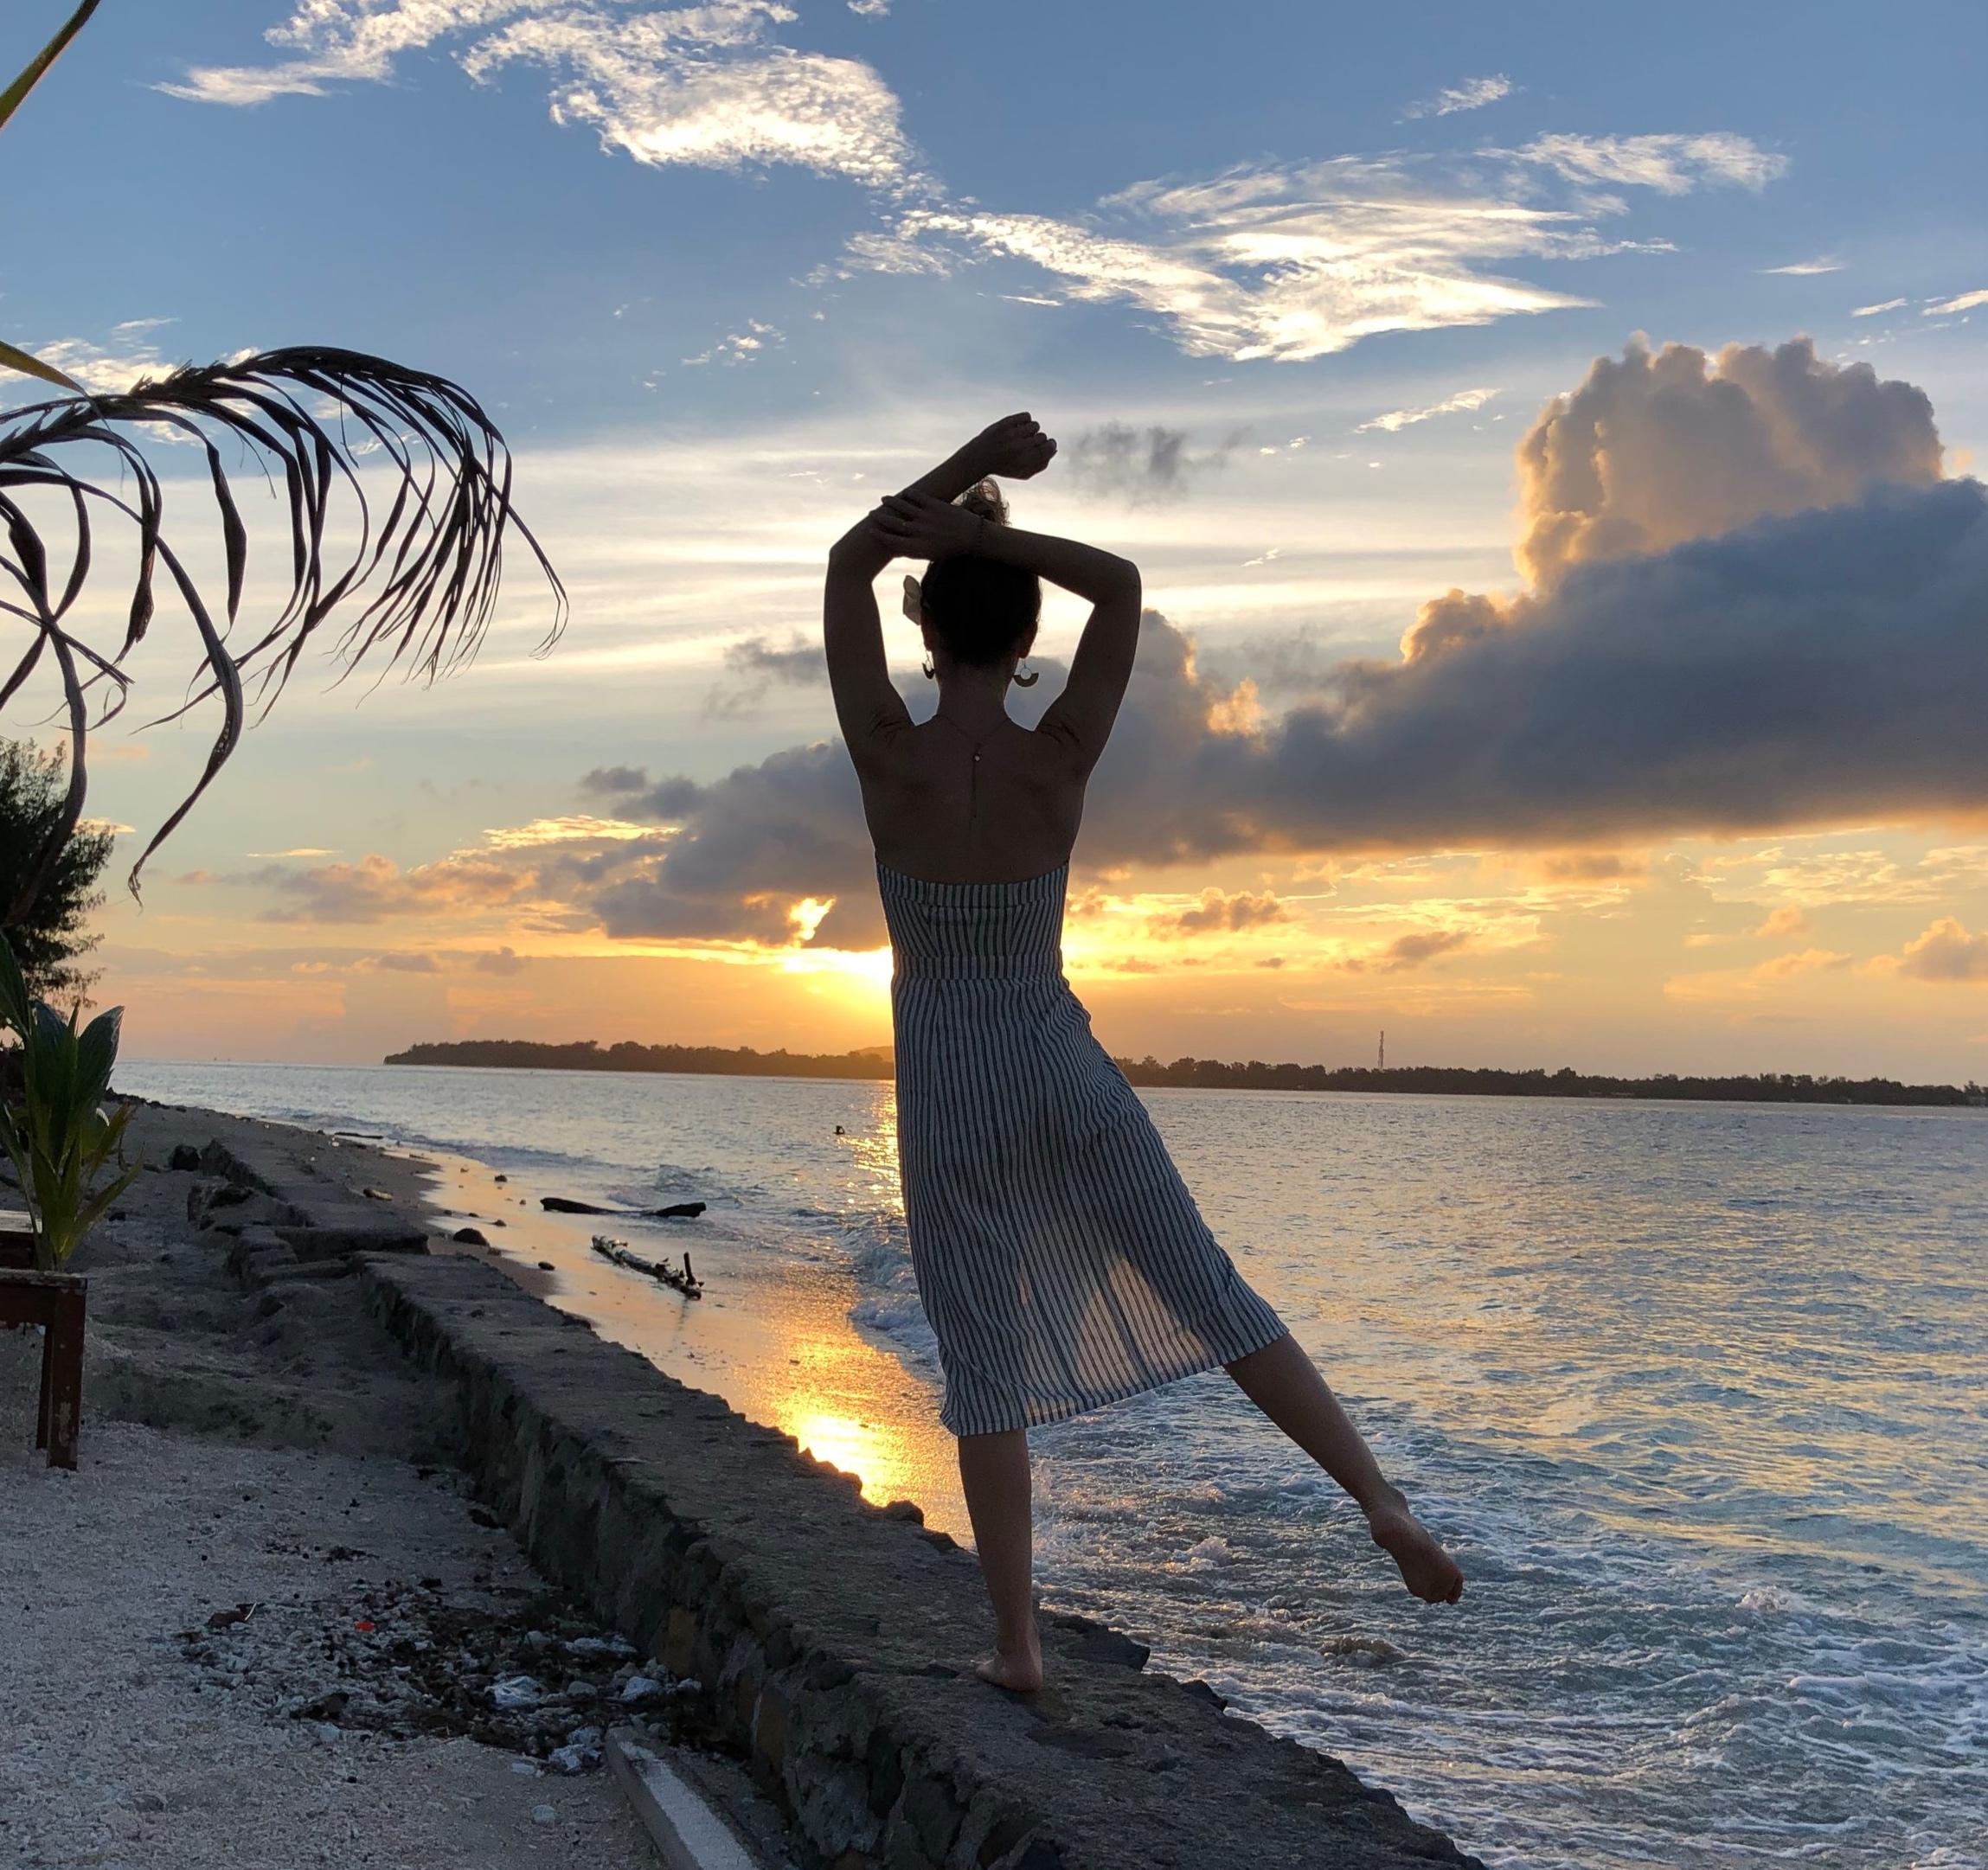 Bali+sunset